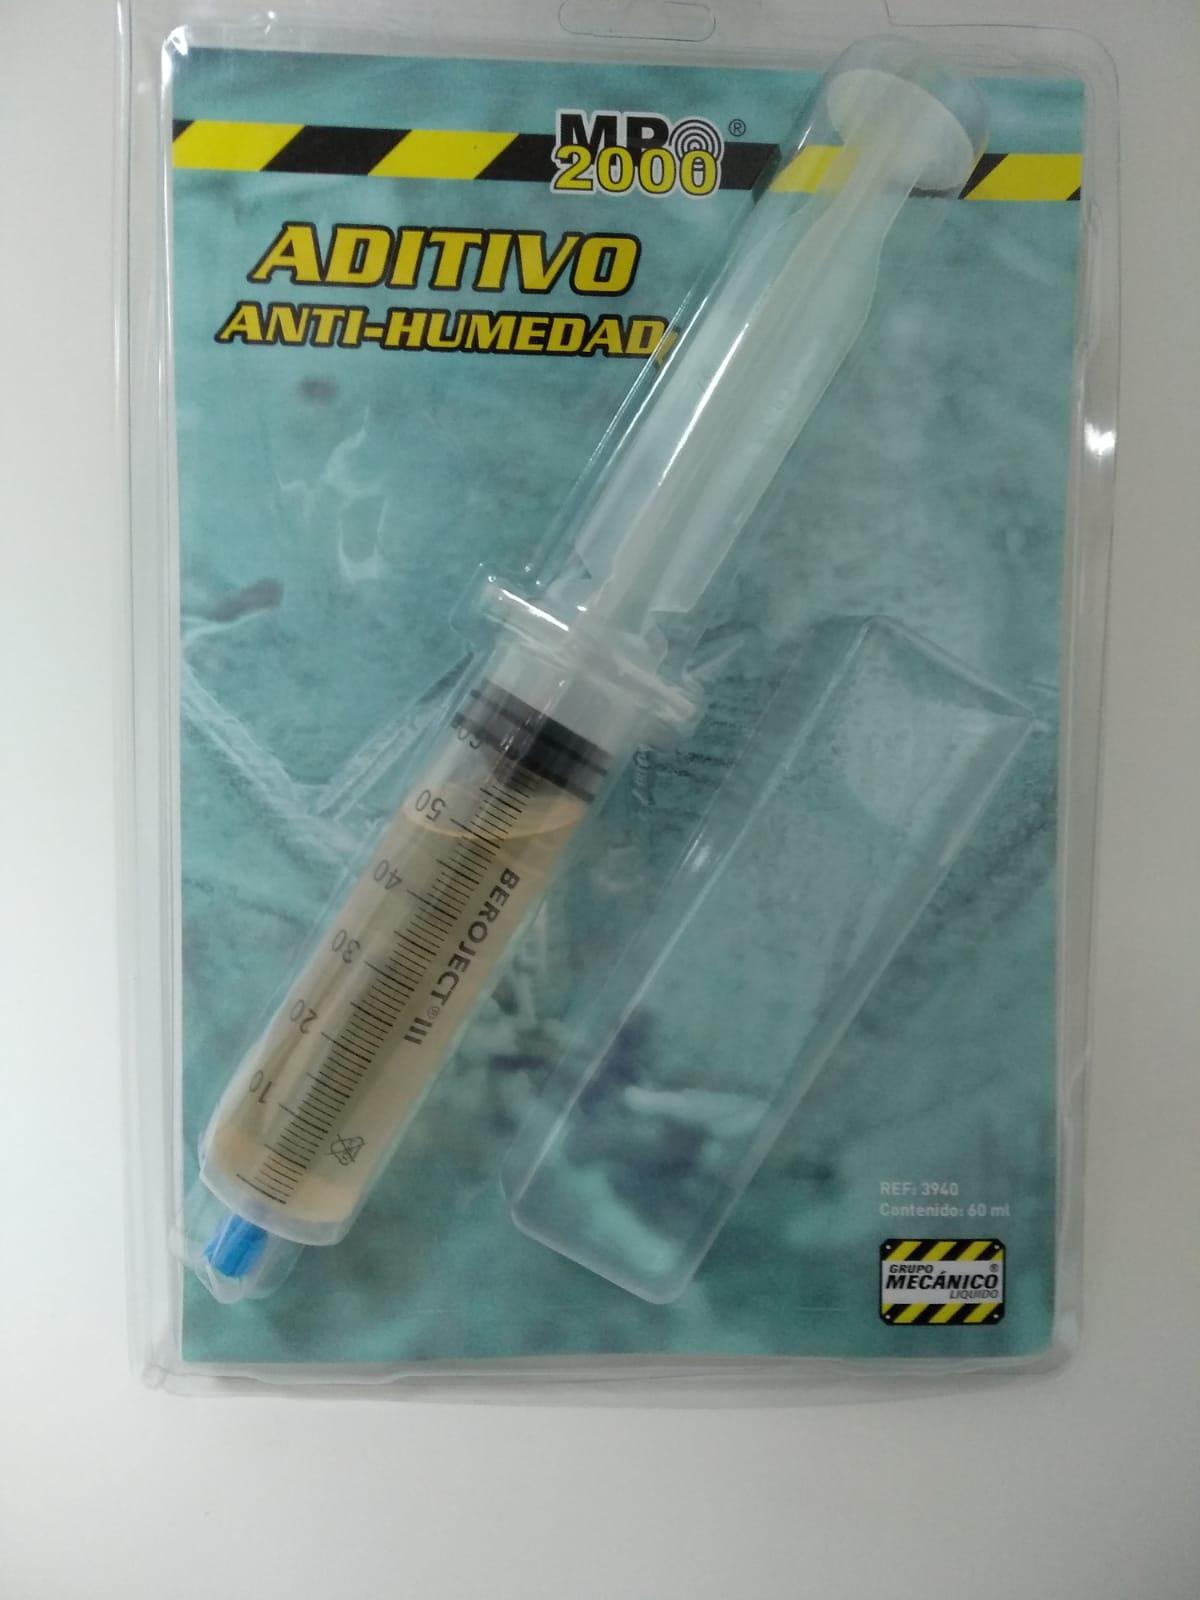 Aditivo Anti-Humedad